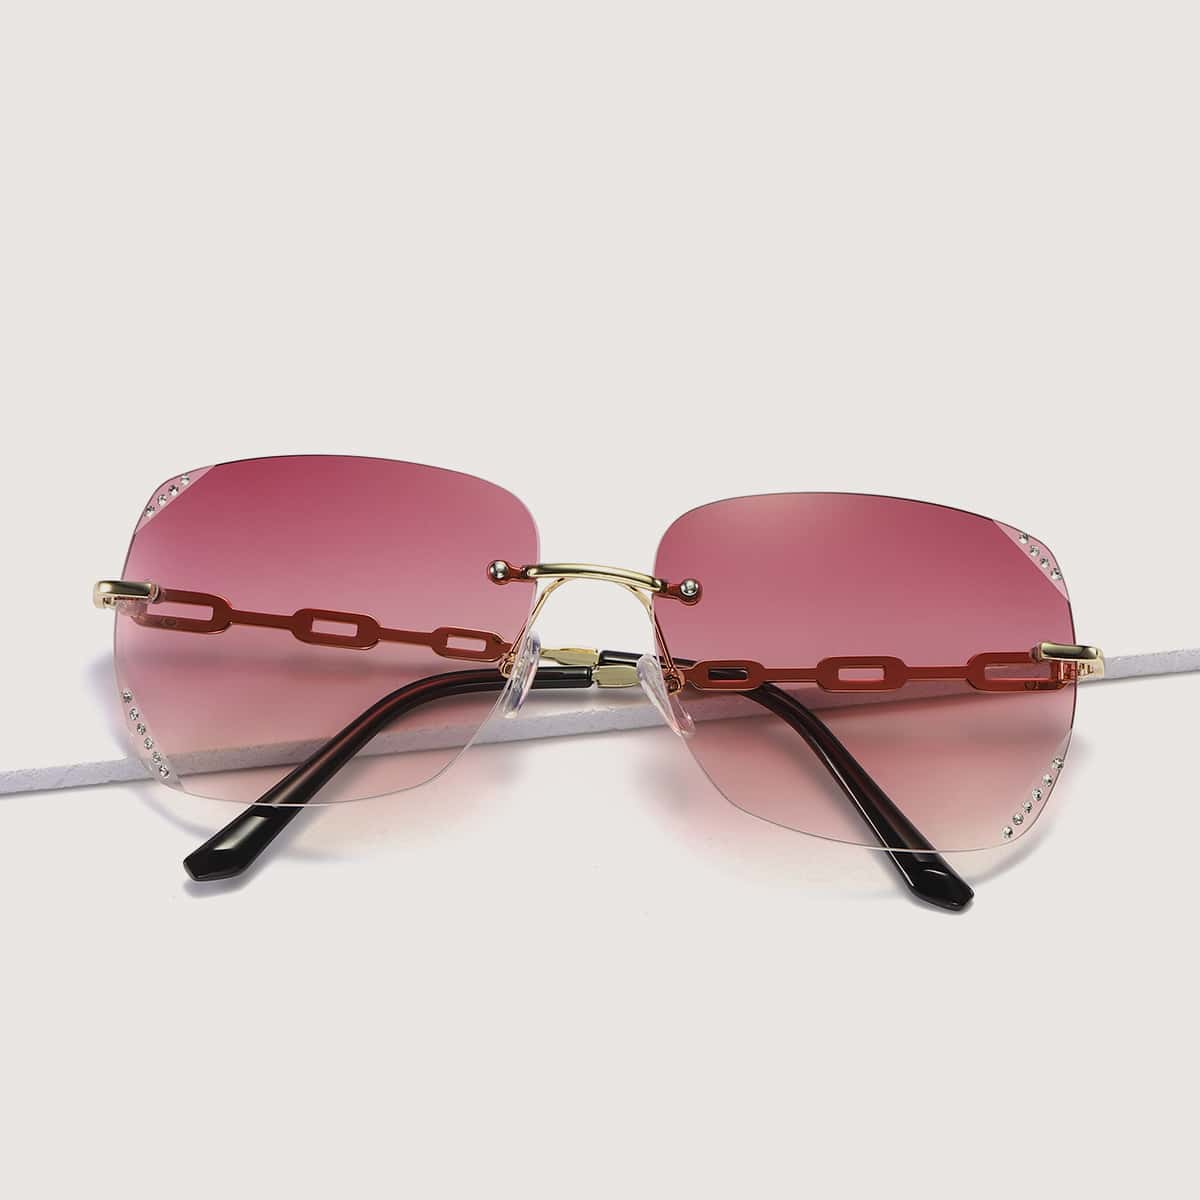 Солнечные очки без оправы фото